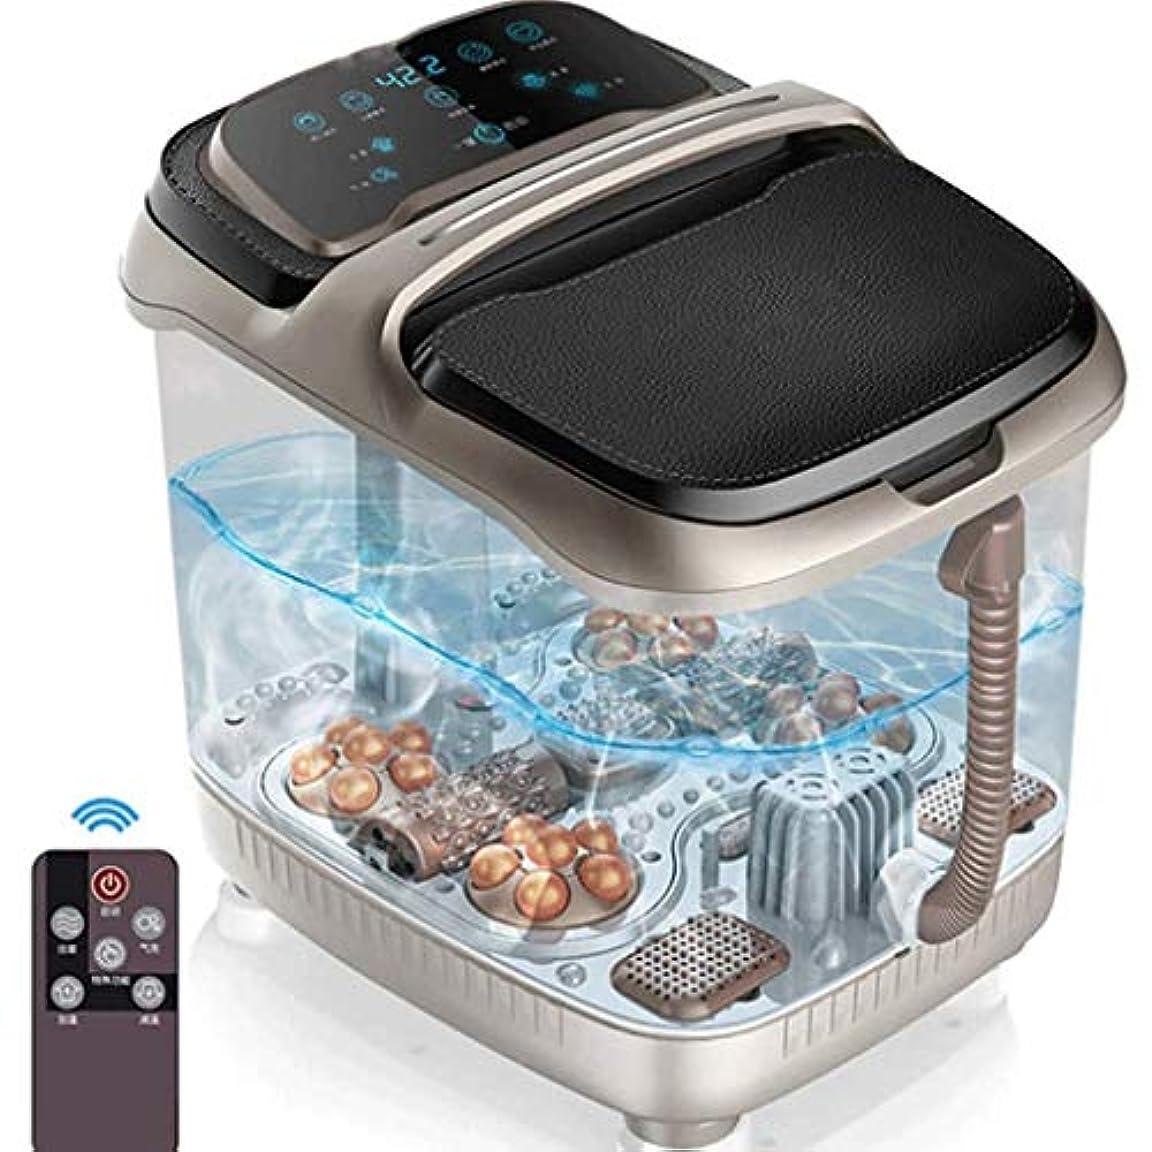 集める欺く寛容なLEIGE Foot Spa Massager - スーパーファストヒーティングシステム、4つの電動マッサージローラー、ささやく静かな、リモートコントロール付き浴槽